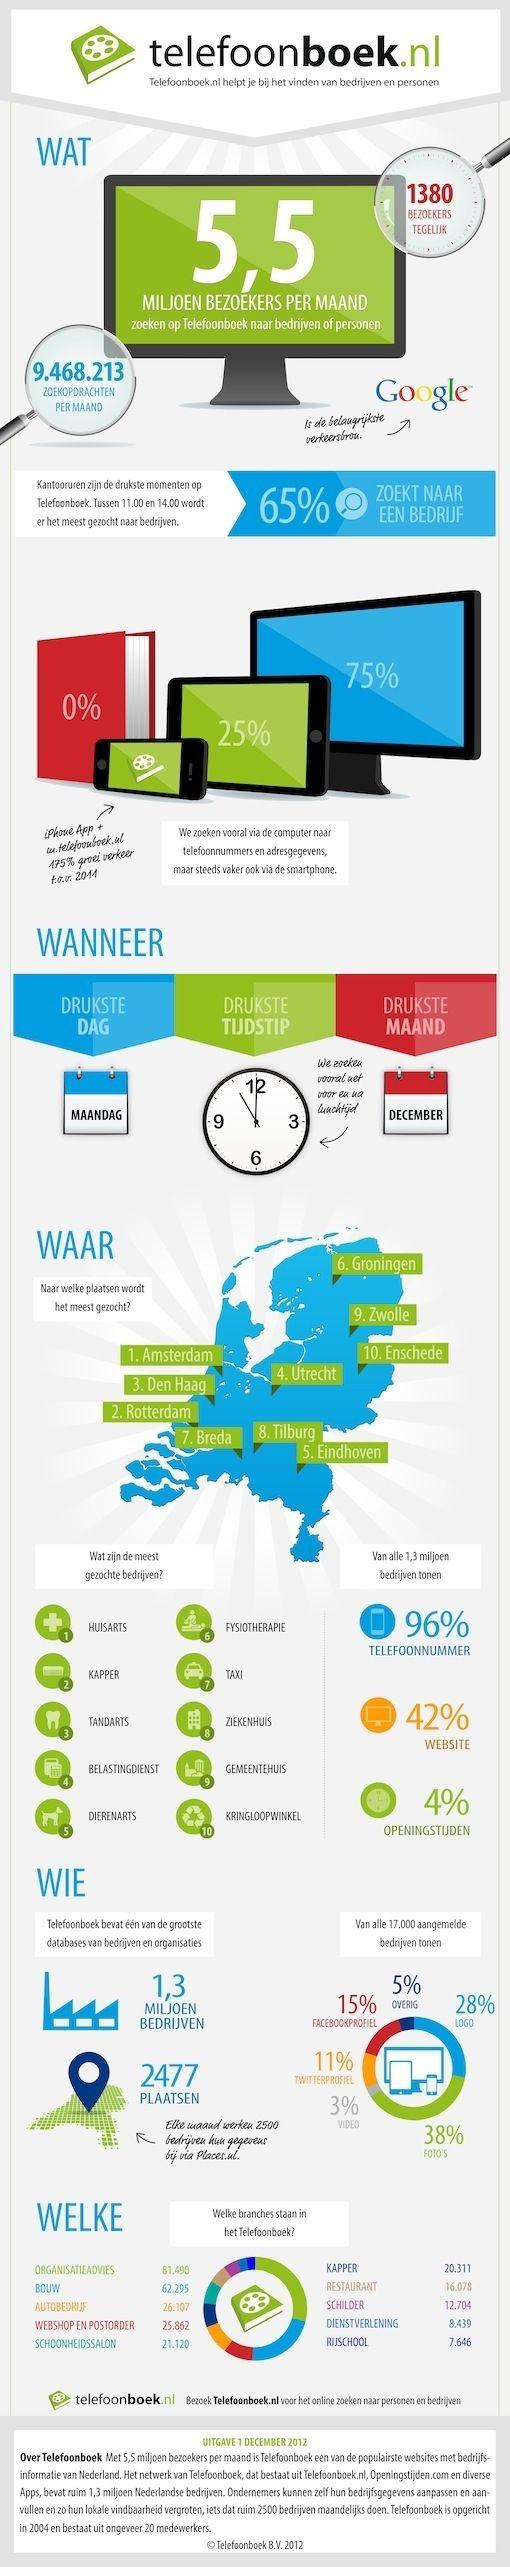 Telefoonboek_infographic_dec_2012